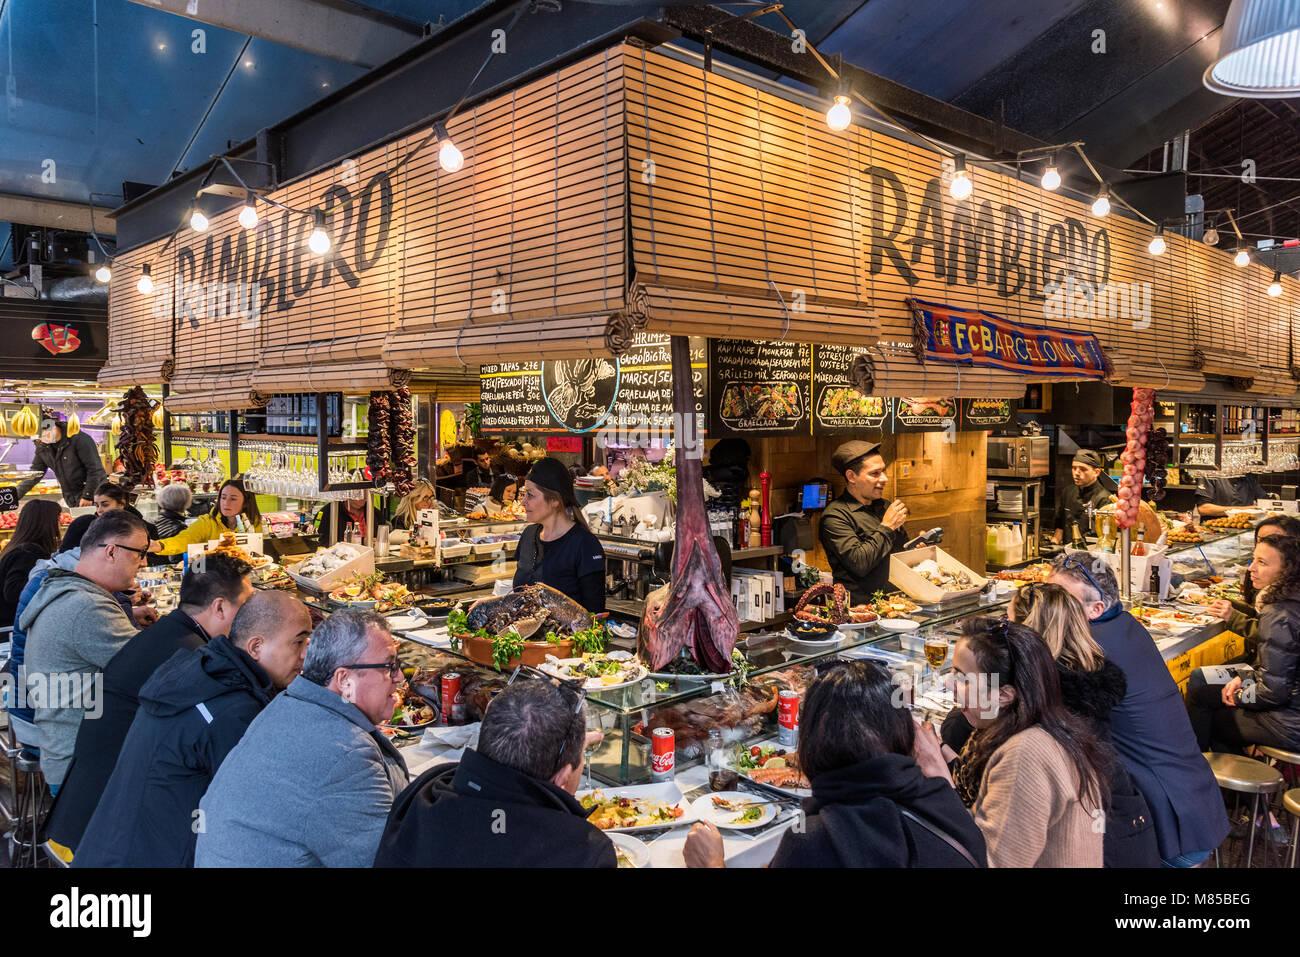 Les touristes de manger dans un bar à tapas au marché de la Boqueria, Barcelone, Catalogne, Espagne Photo Stock